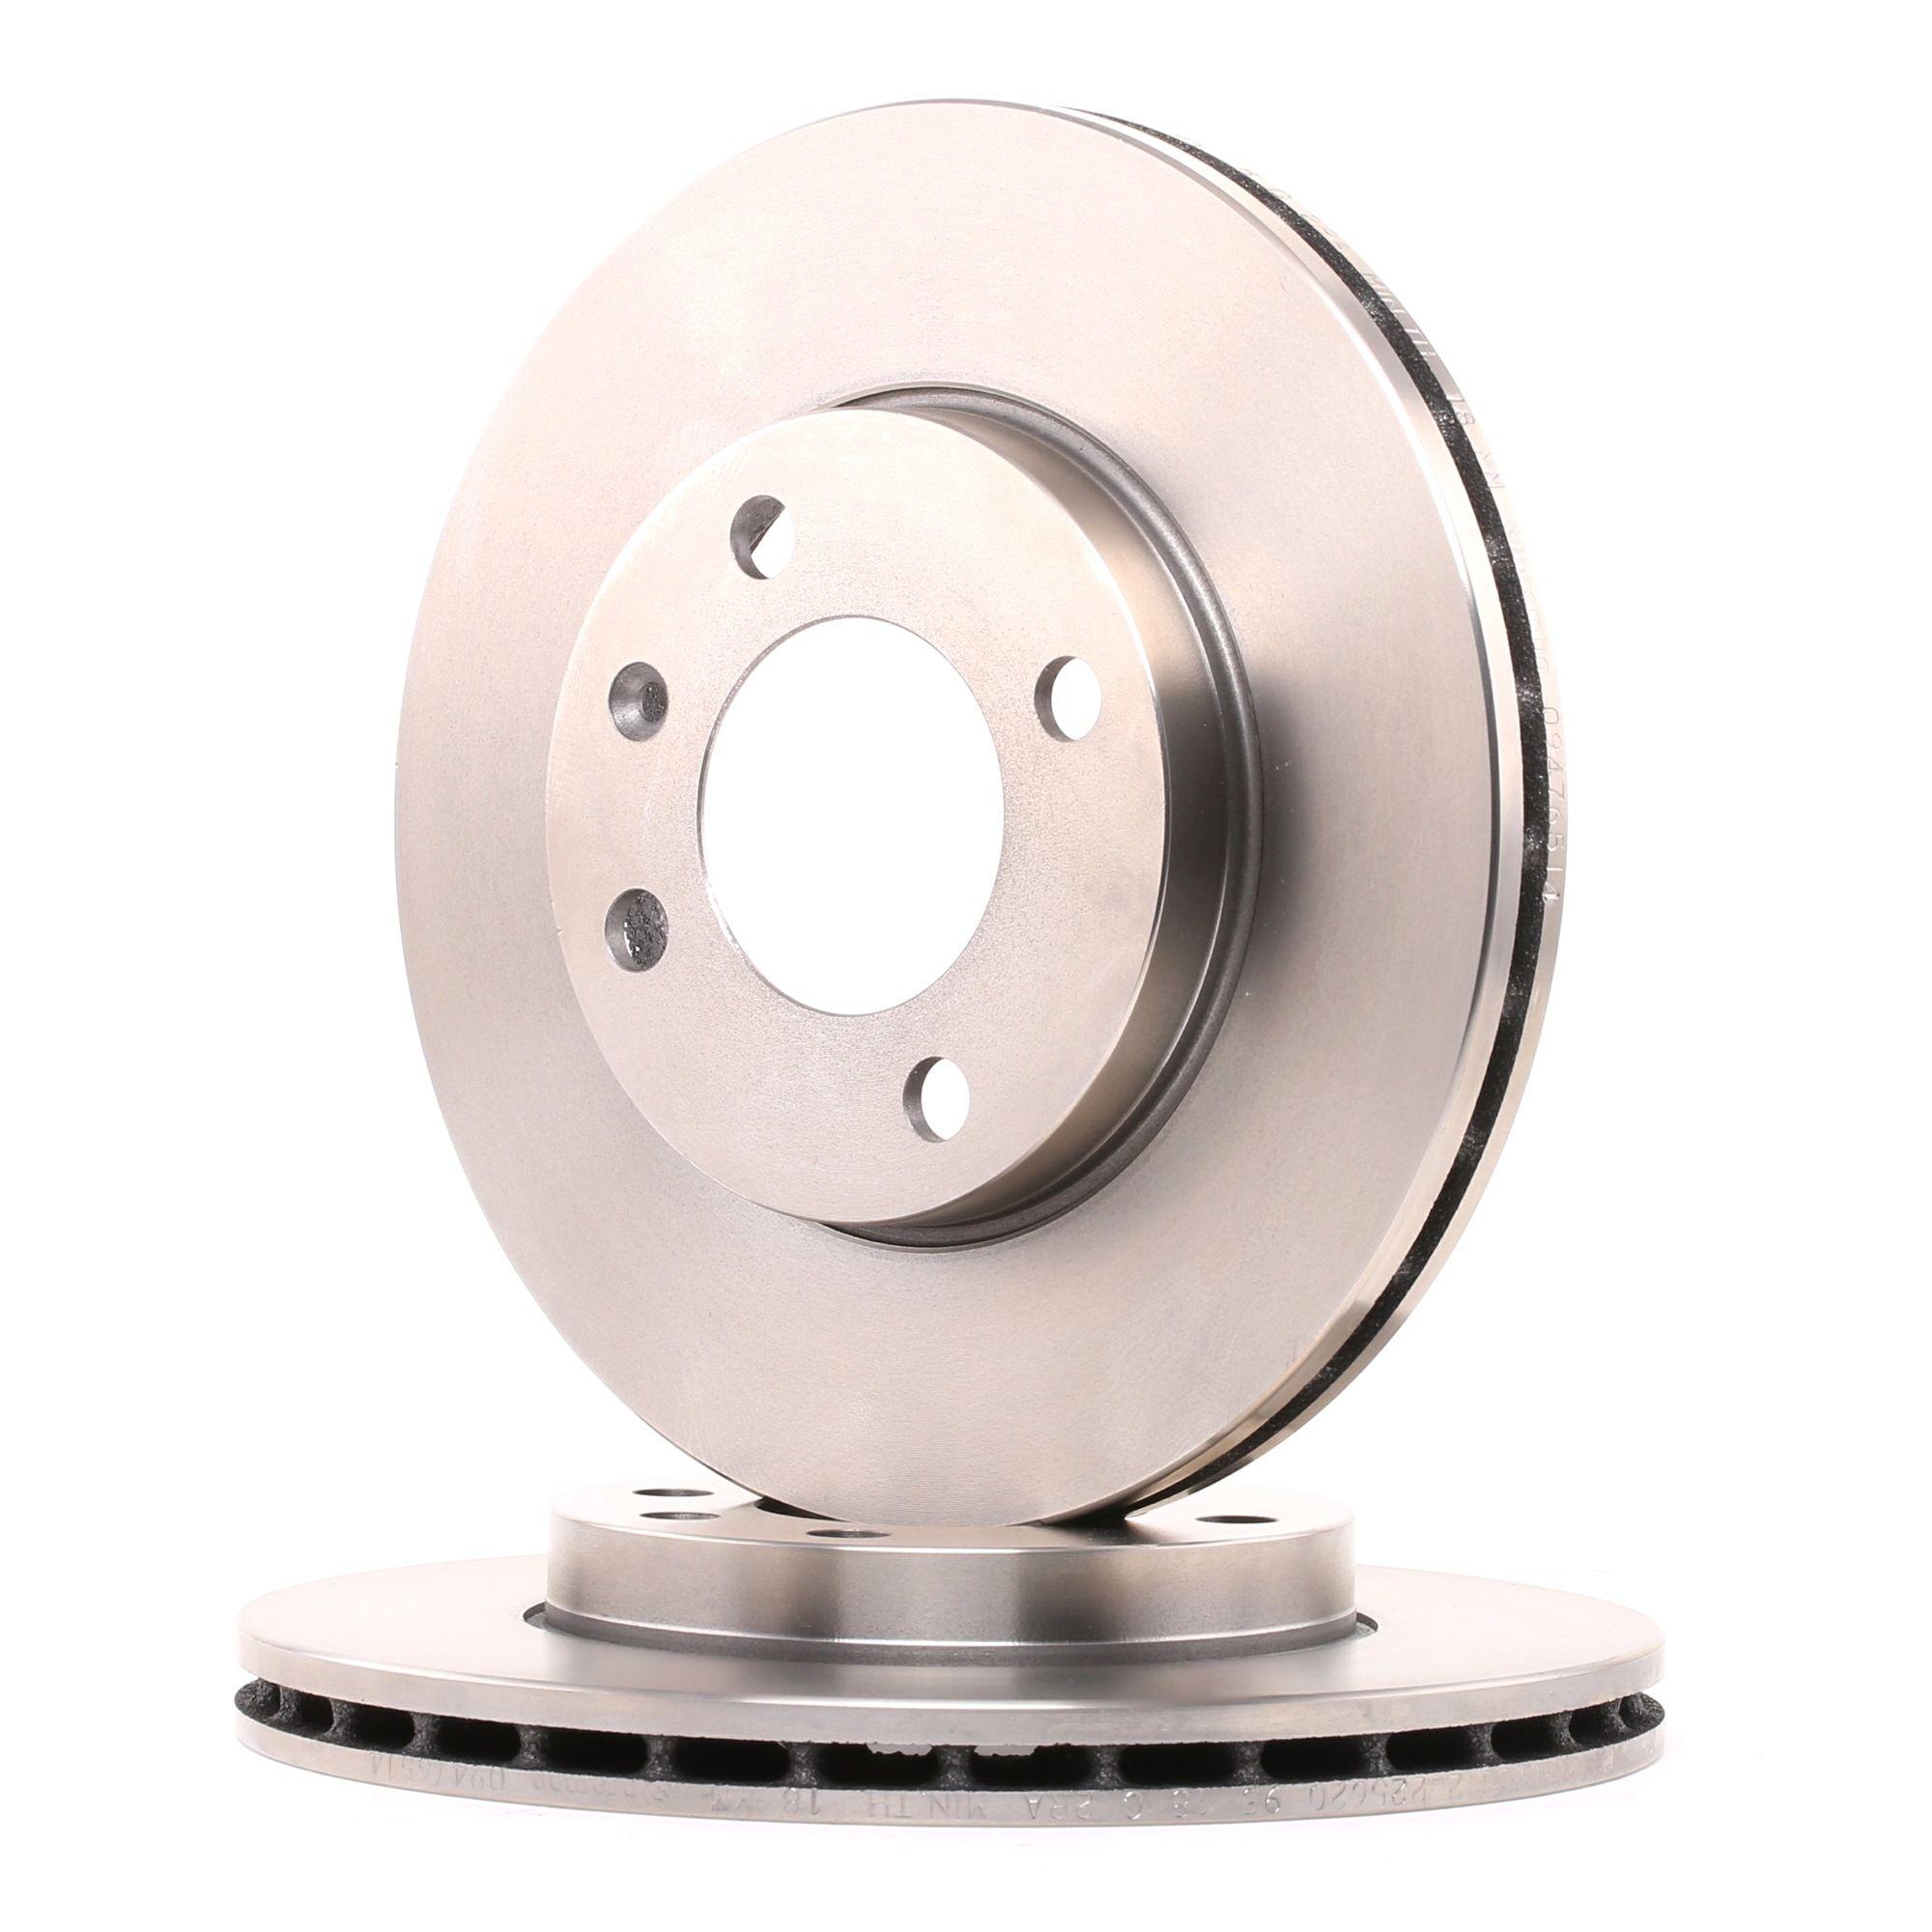 Achetez Freinage BREMBO 09.4765.14 (Ø: 239mm, Nbre de trous: 4, Épaisseur du disque de frein: 20mm) à un rapport qualité-prix exceptionnel